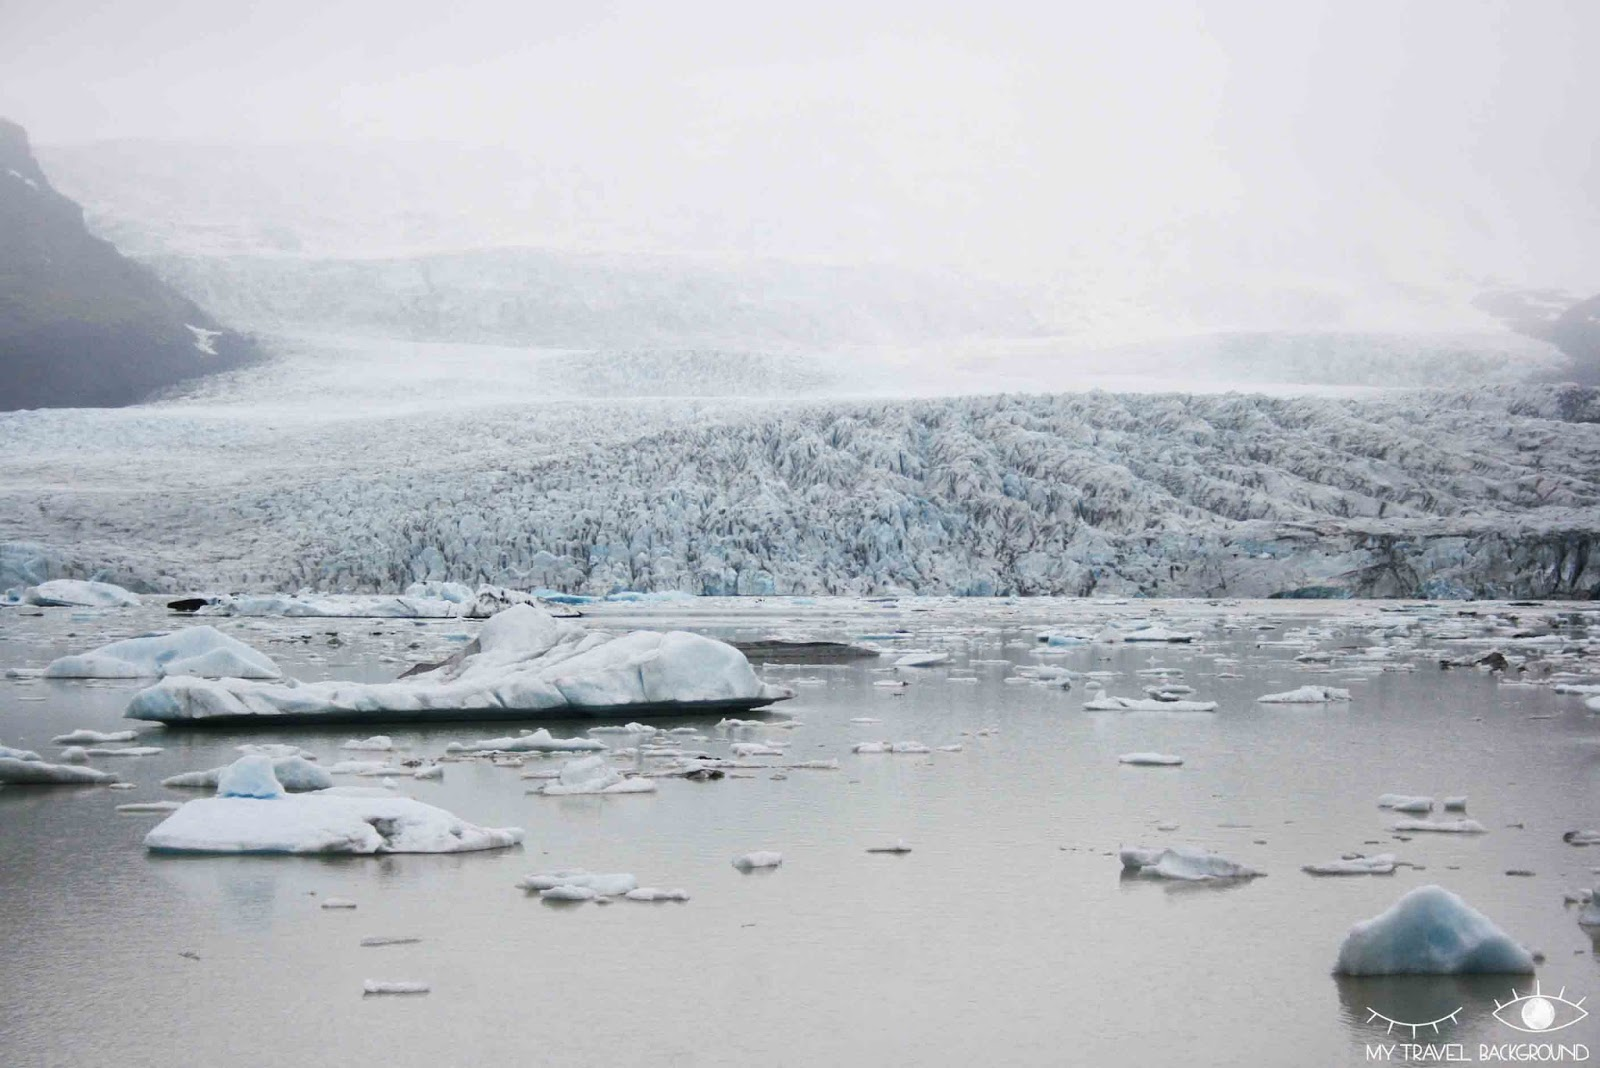 My Travel Background : Glaciers et icebergs dans le Sud de l'Islande - Croisière en bateau pneumatique sur le Fjallsjökull